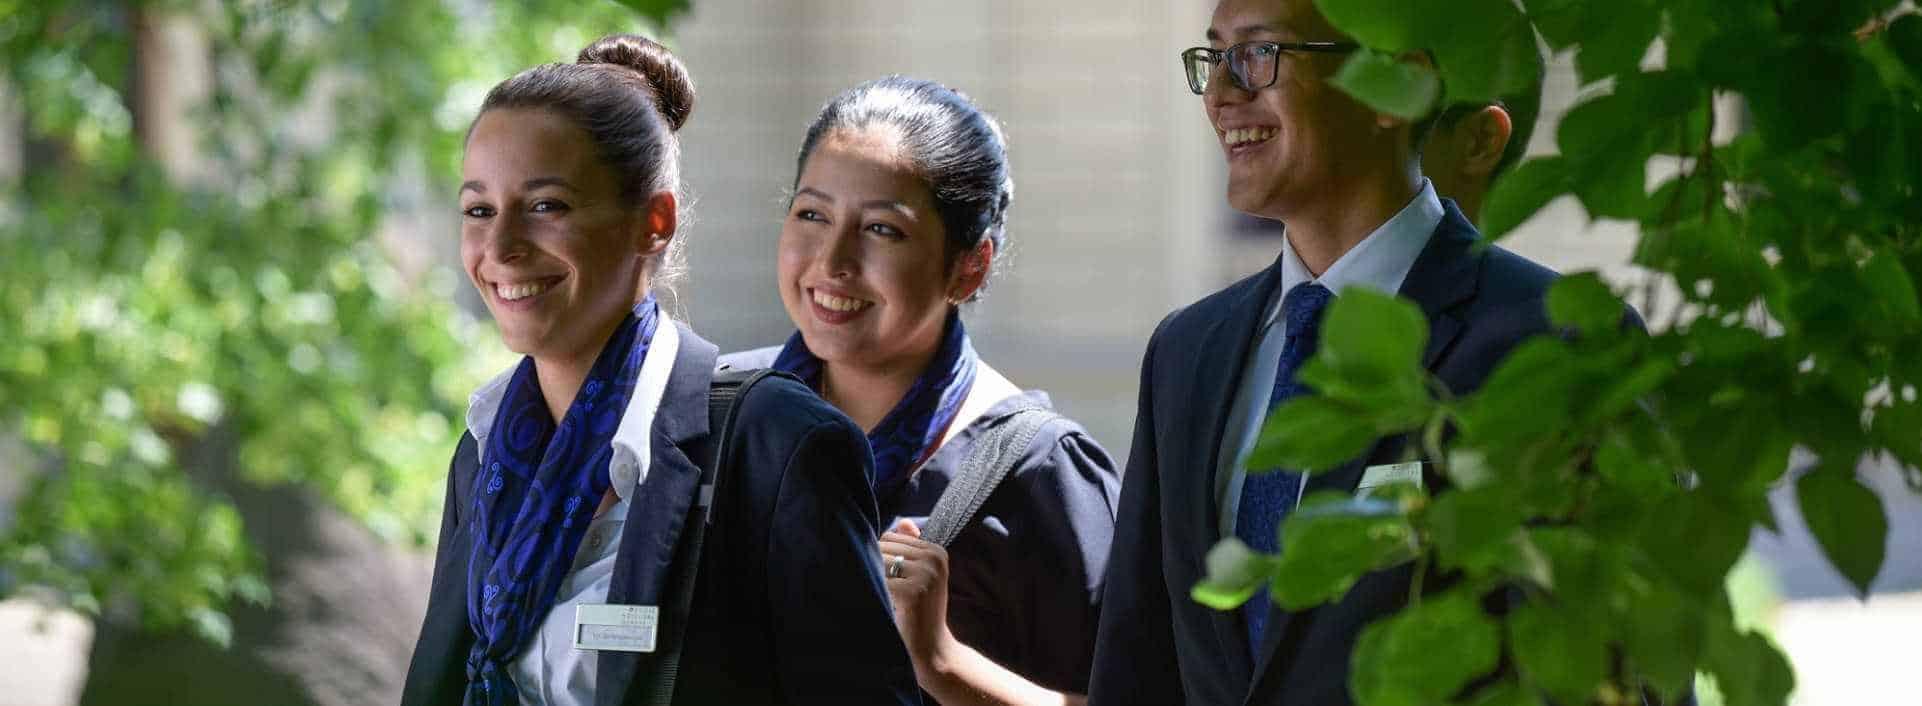 Recruter nos étudiants de l'Ecole Hôtelière de Genève vous assure d'avoir fait appel a un futur professionnel